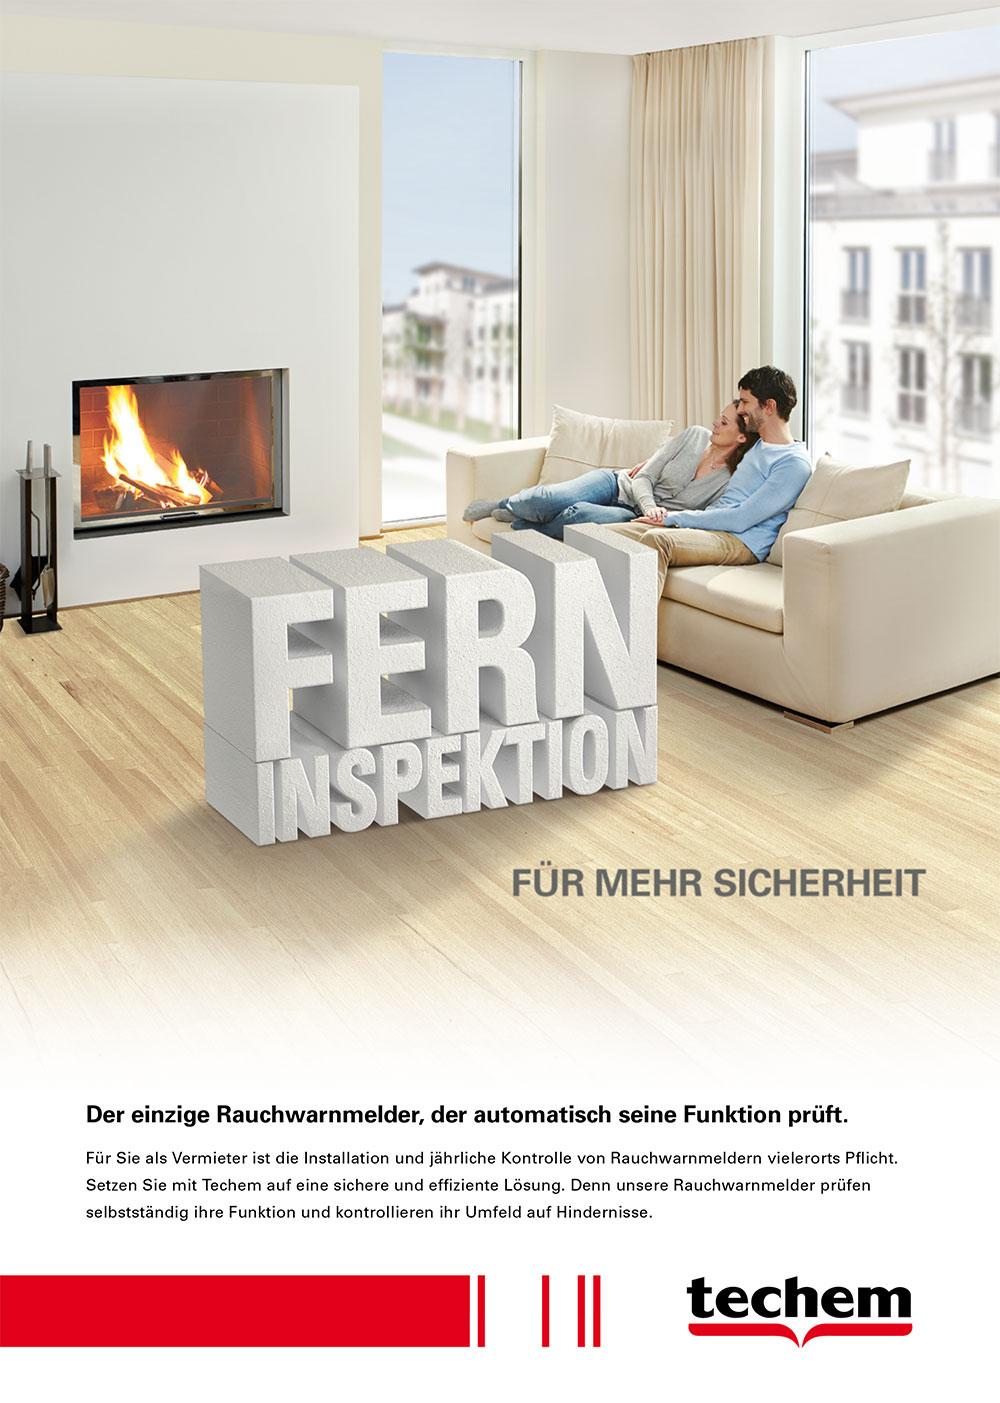 Anzeigenkampagne_Techem_Rauchwarnmelder